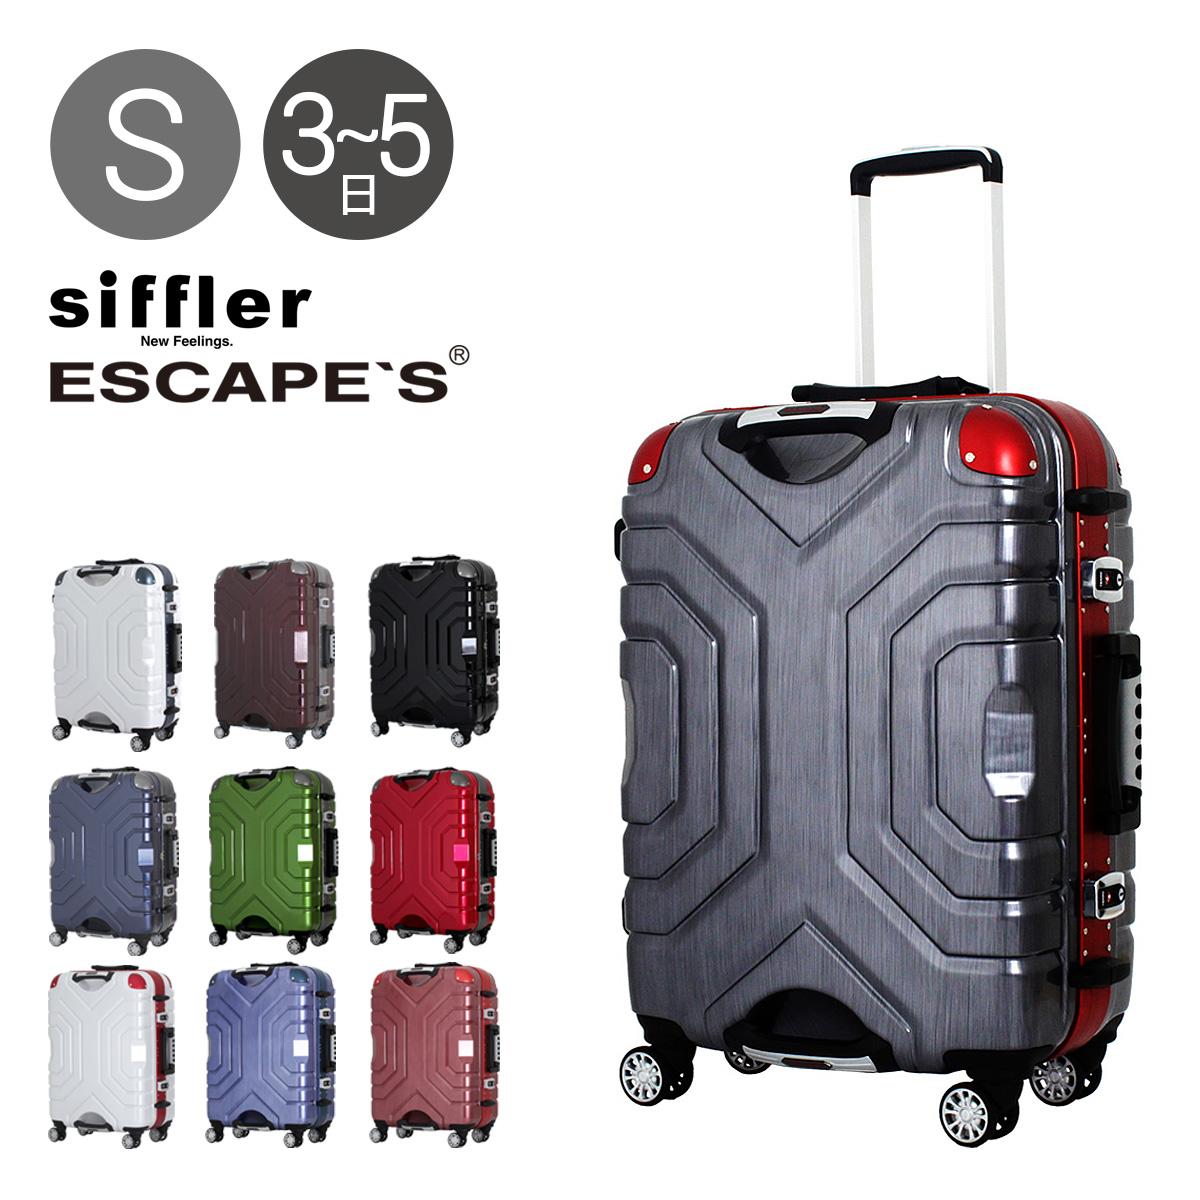 シフレ Siffler スーツケース ESCAPE`S グリップマスター B5225T-58 58cm エスケープ キャリーケース キャリーカート 1年保証 TSAロック搭載 [PO10][bef]